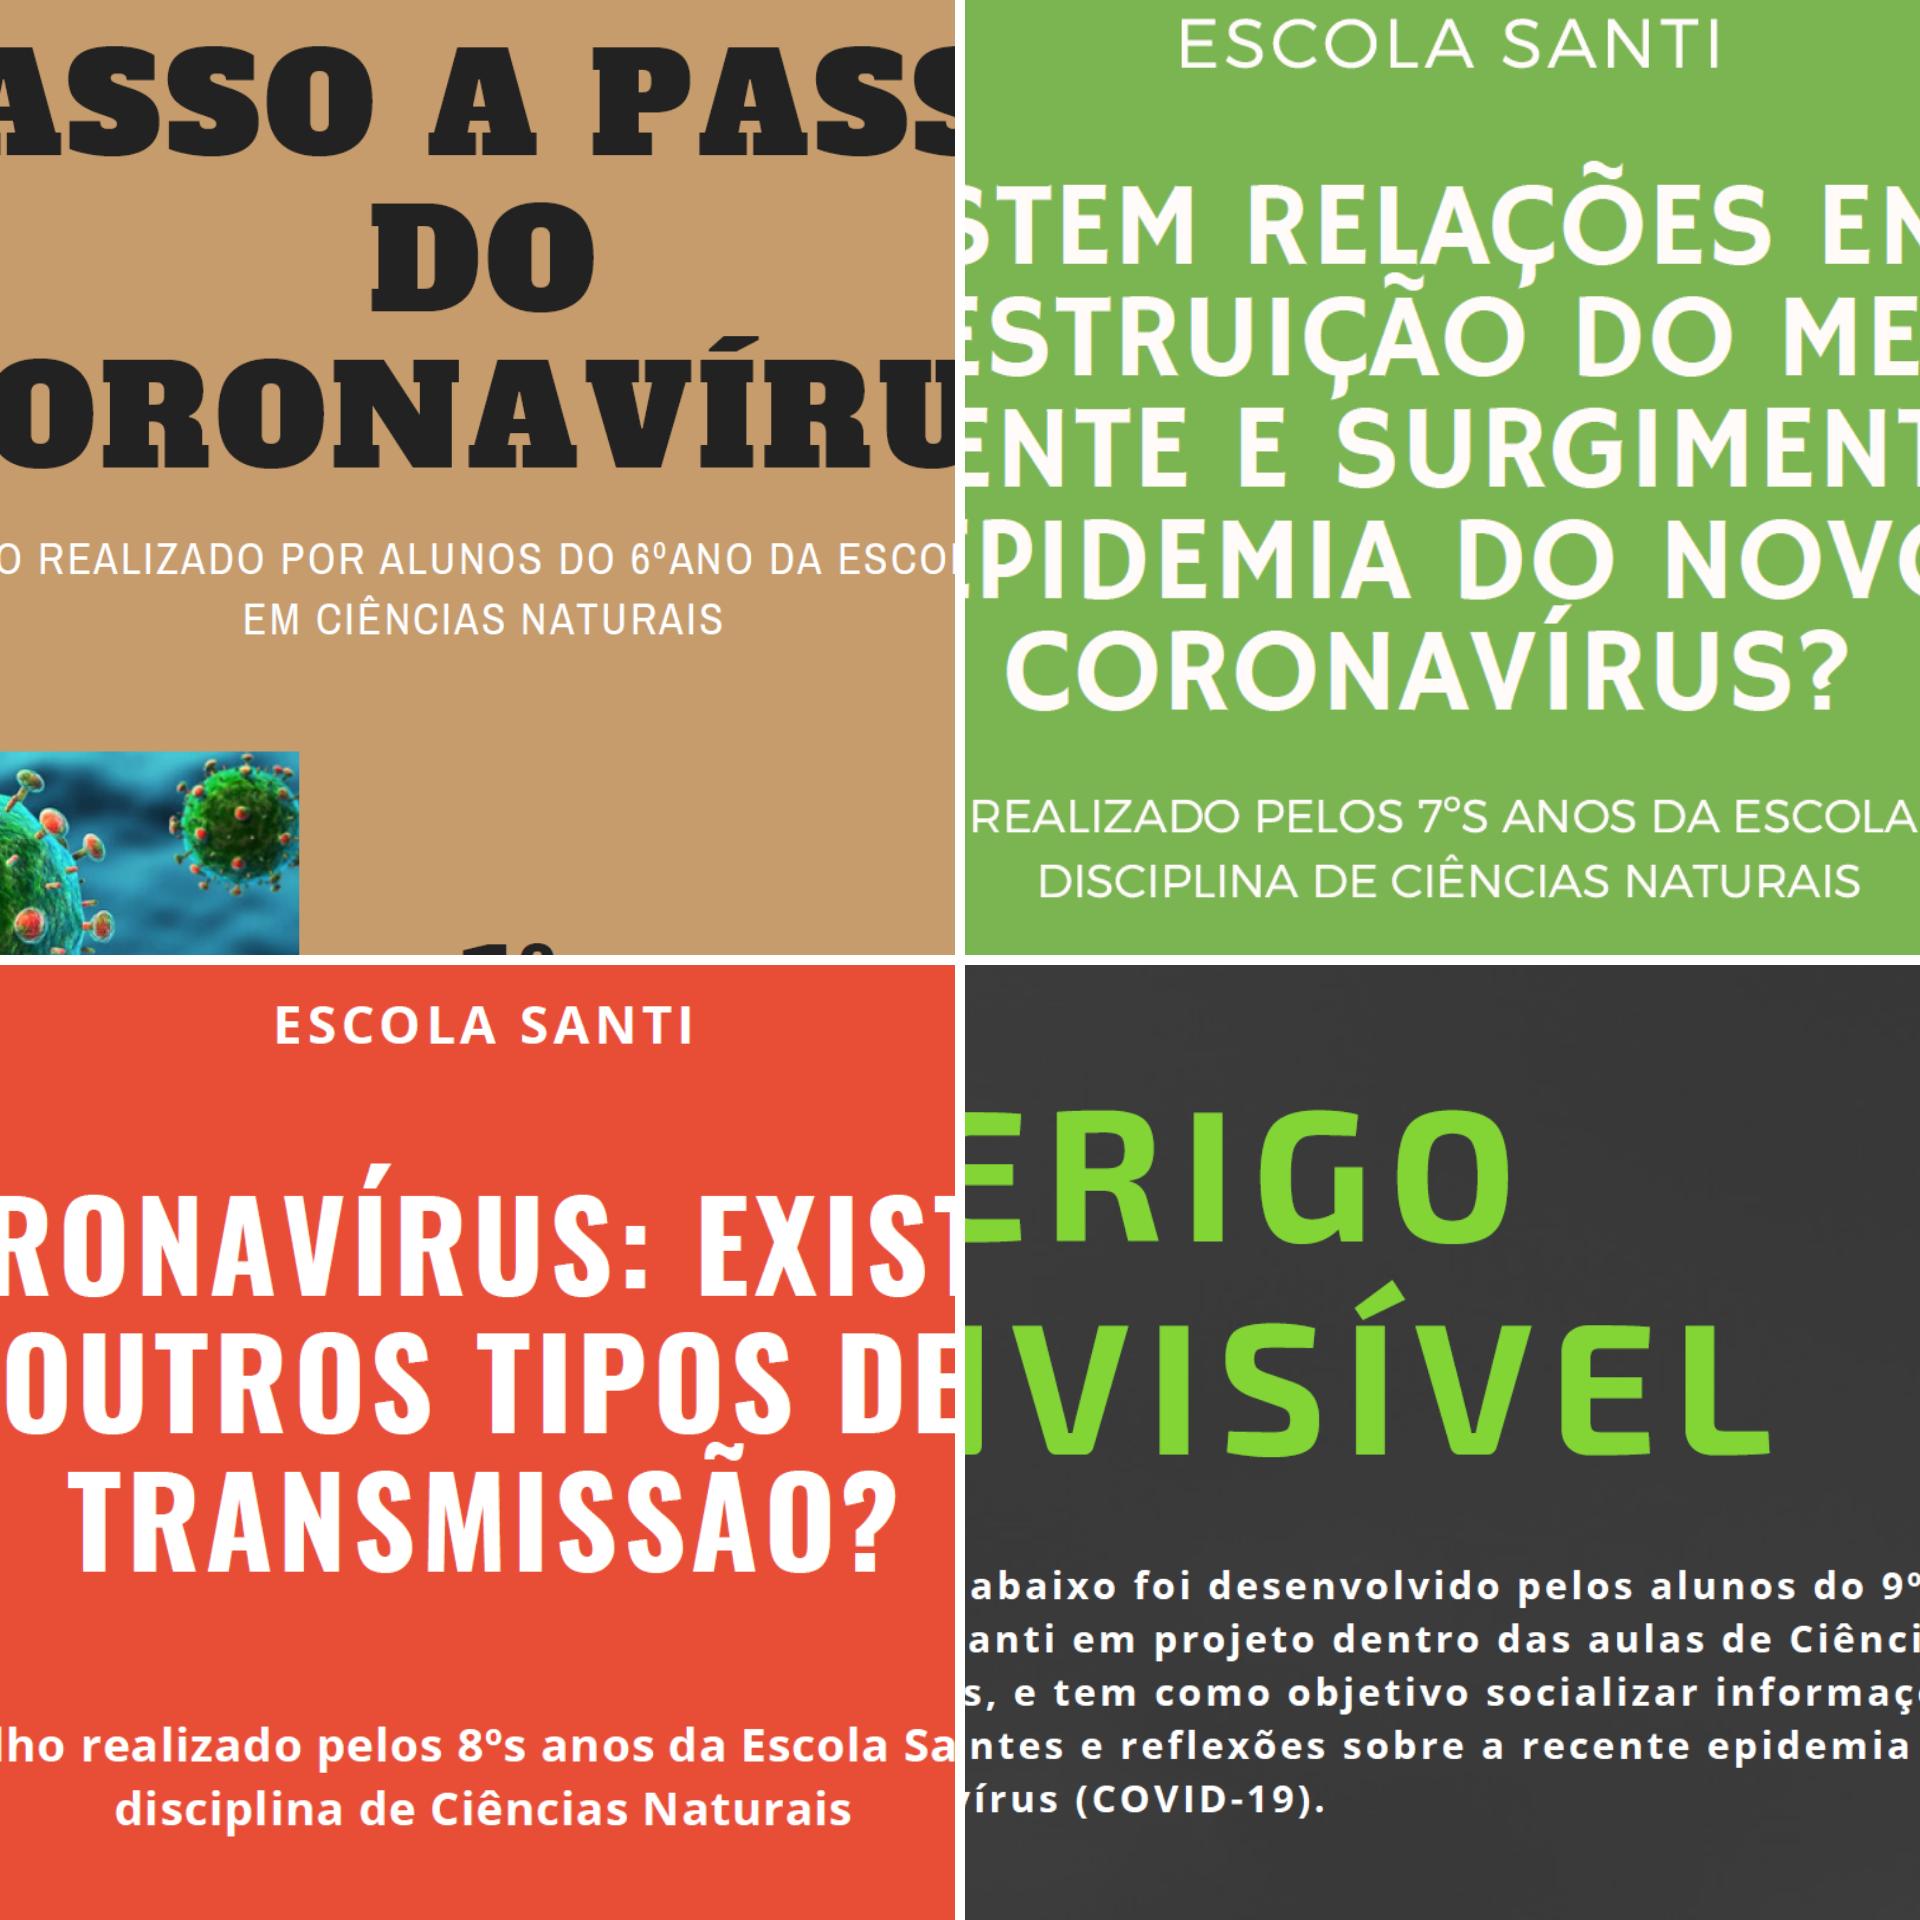 28/02 – A Situação Global Do Novo Coronavírus E O Papel Da Escola